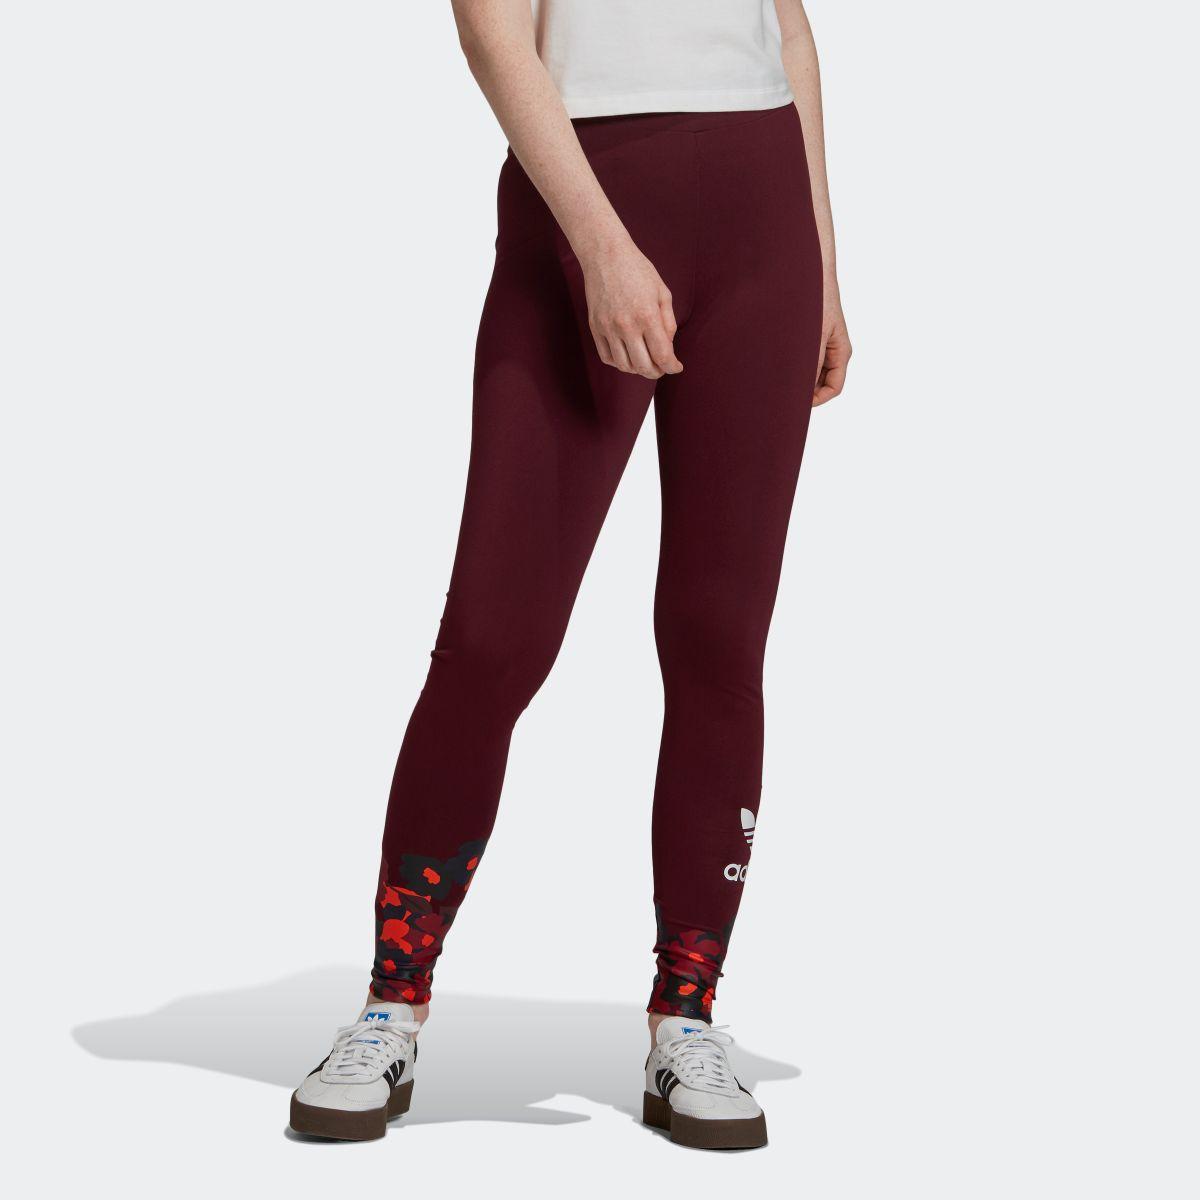 ボトムス, パンツ  adidas HER Studio London GC6840